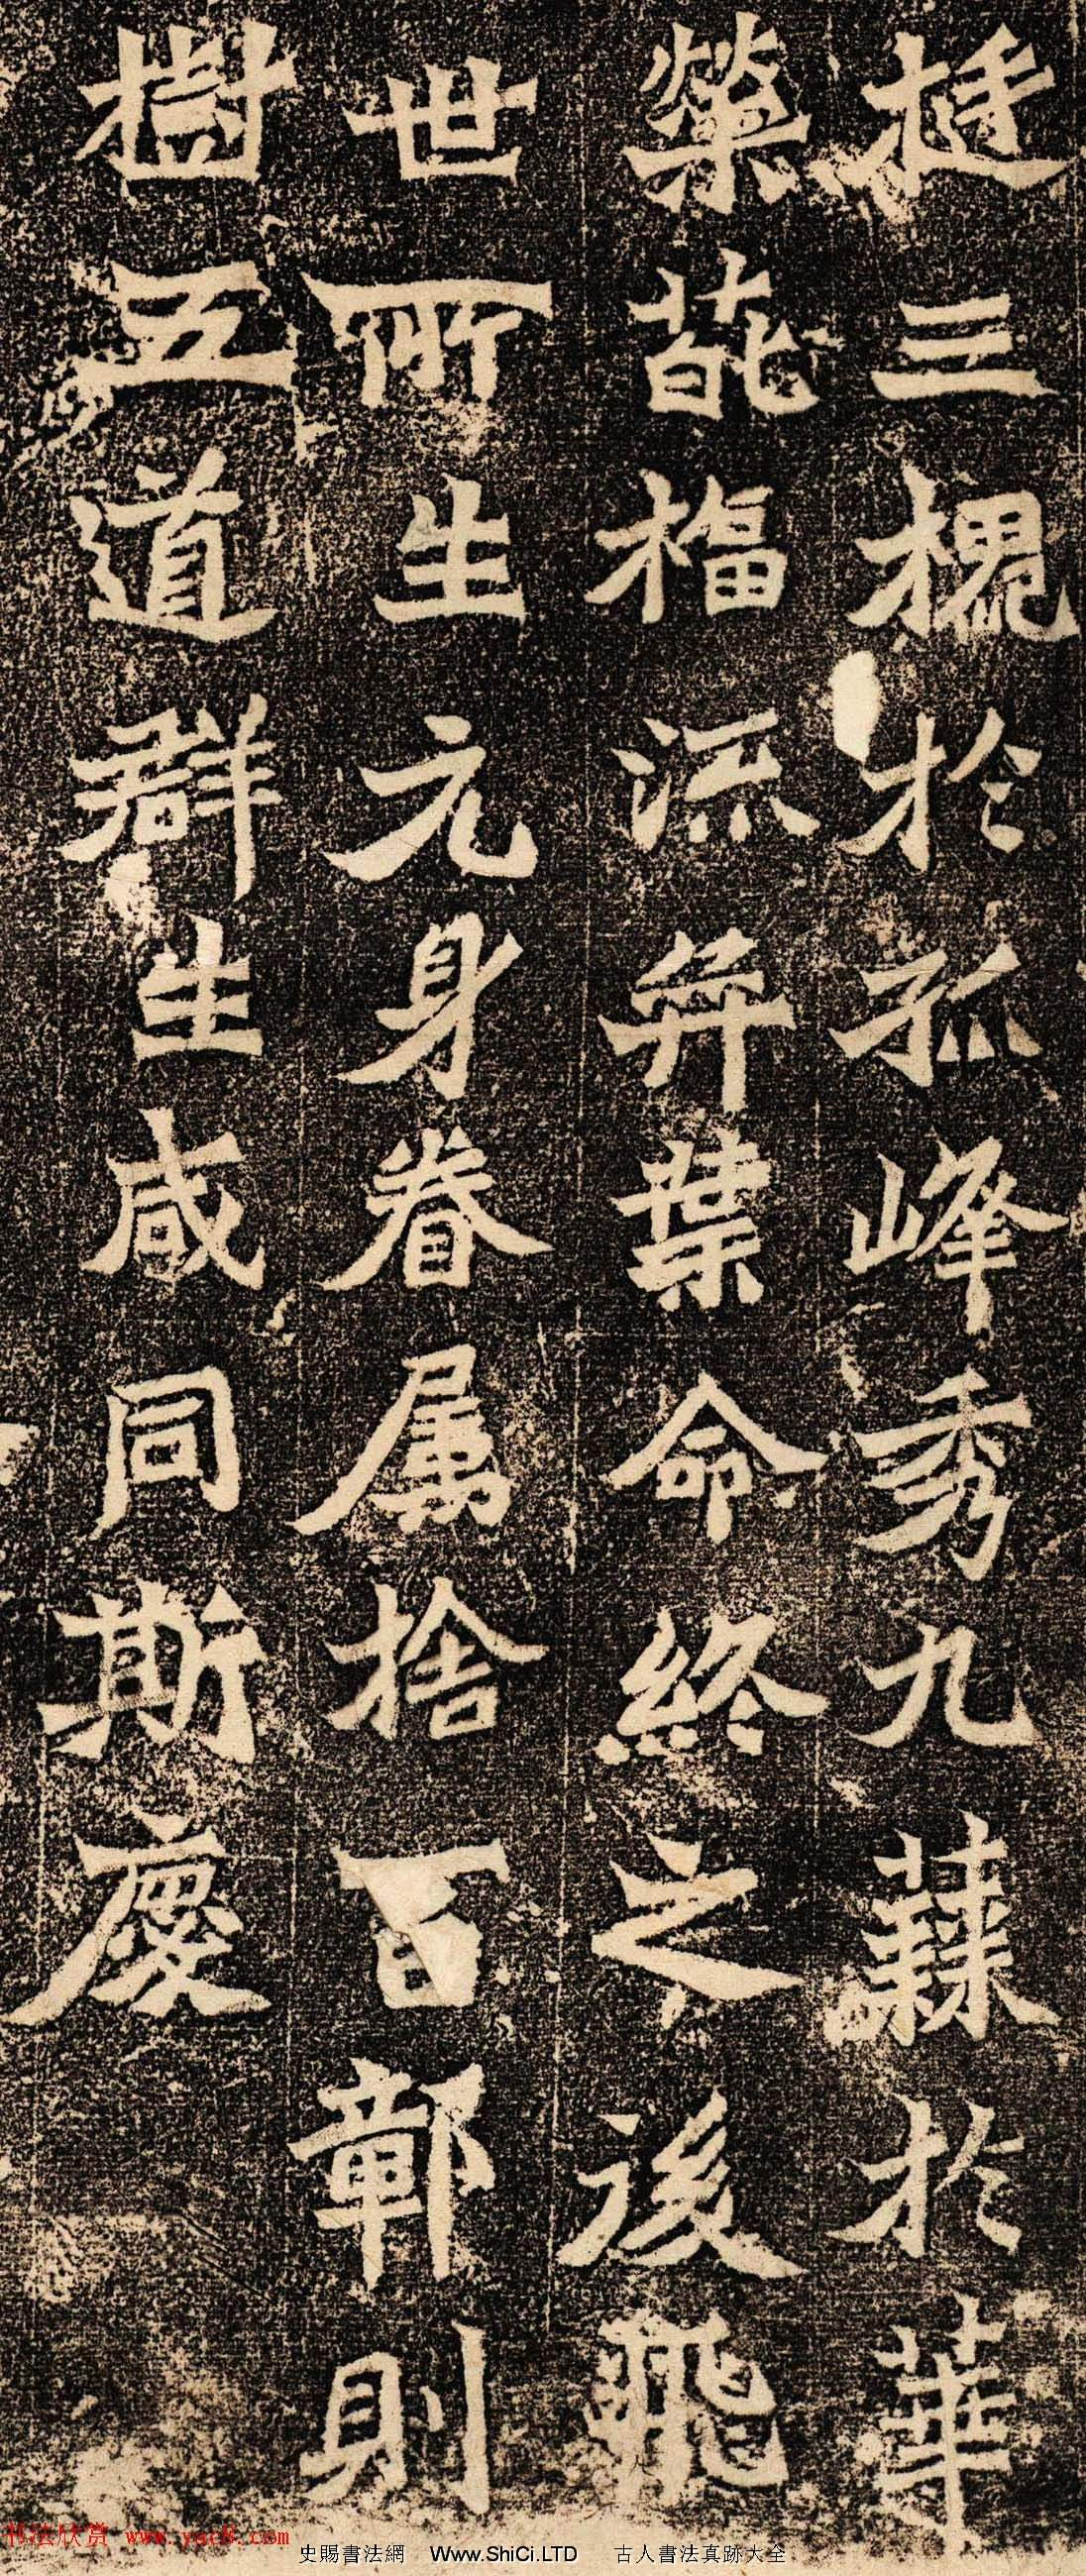 方筆露鋒書法藝術《魏靈藏薛法紹造像題記》